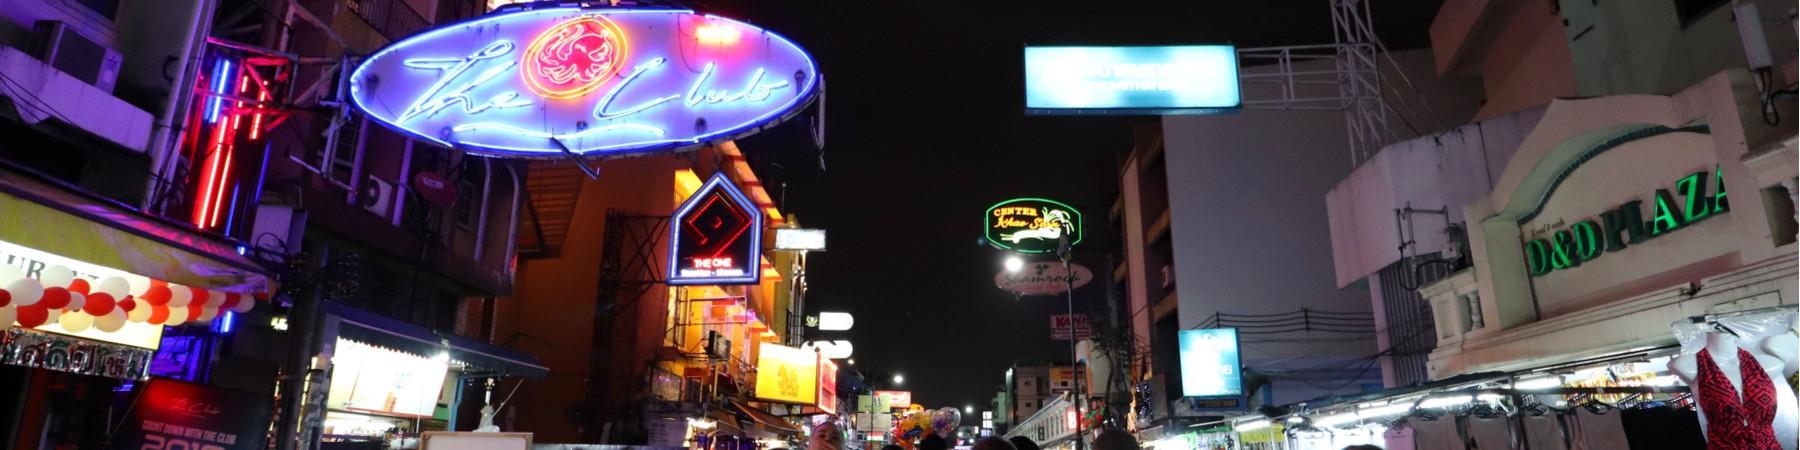 hotel-near-khao-san-road